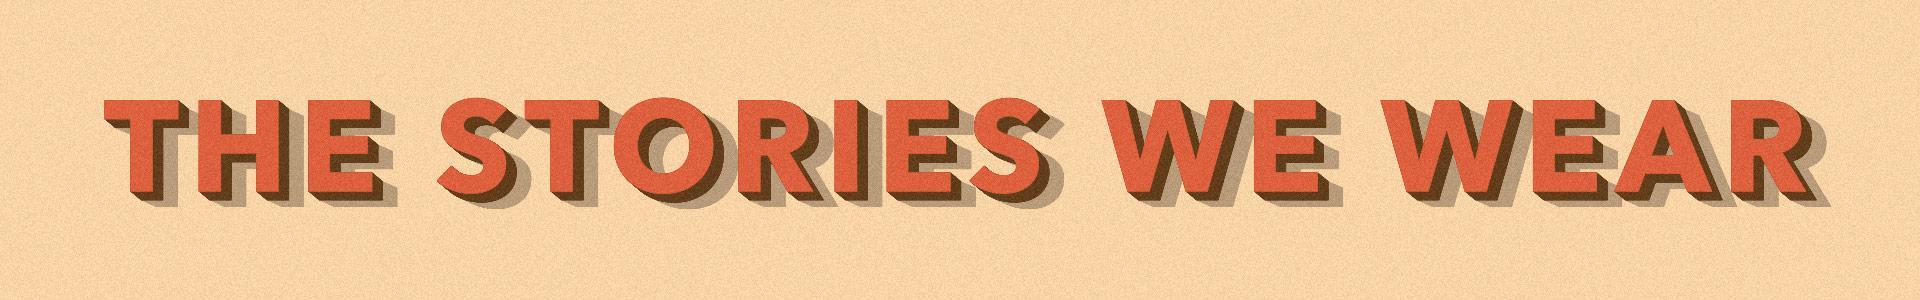 Worn Wear Blog: The Stories We Wear